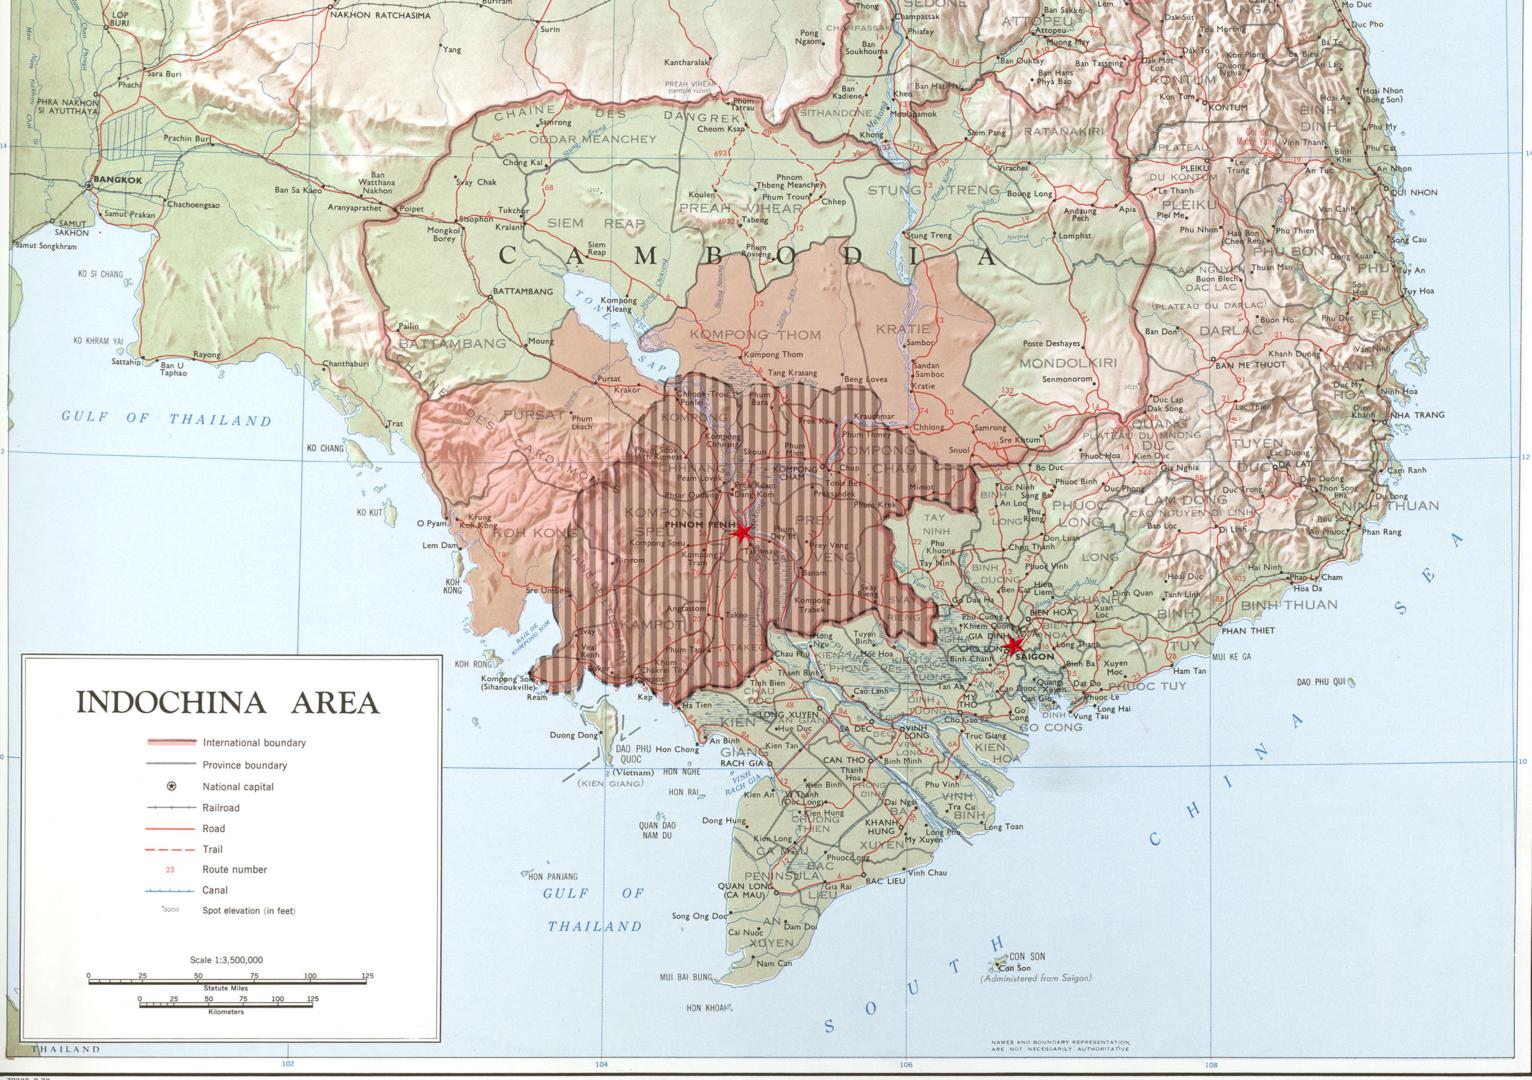 Câu chuyện Trấn Tây Thành và tầm nhìn của các vị vua nhà Nguyễn